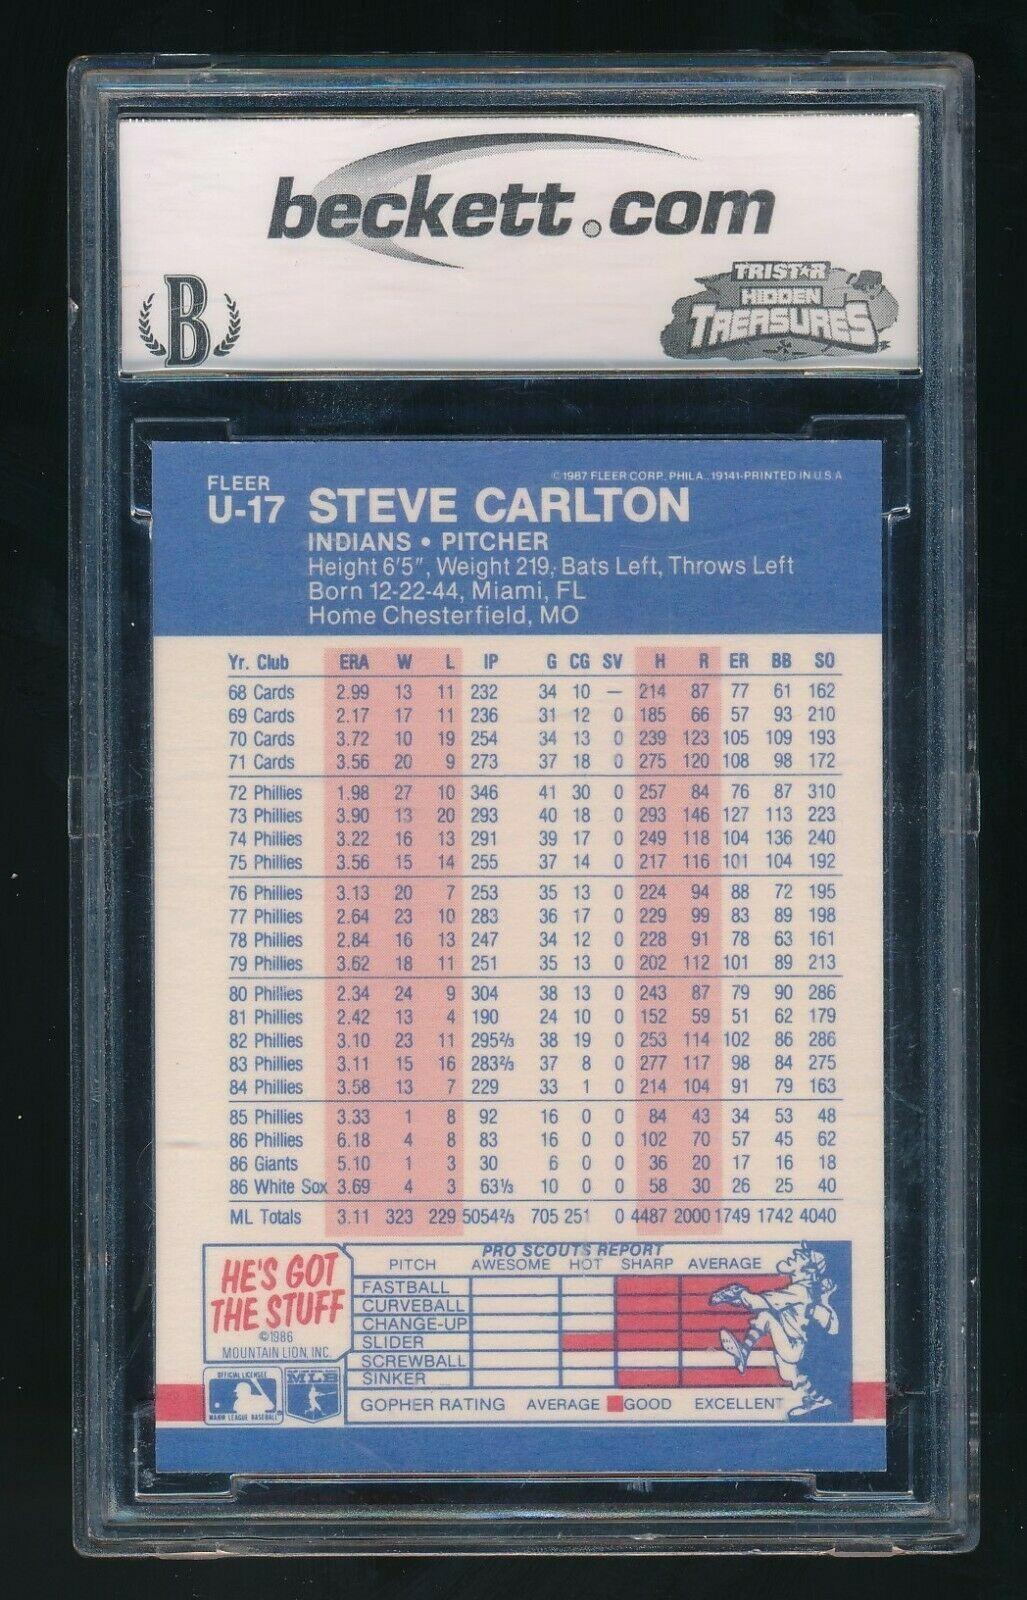 1987 Fleer Update Glossy #U-17 Steve Carlton Cleveland Indians BCCG 10 image 2